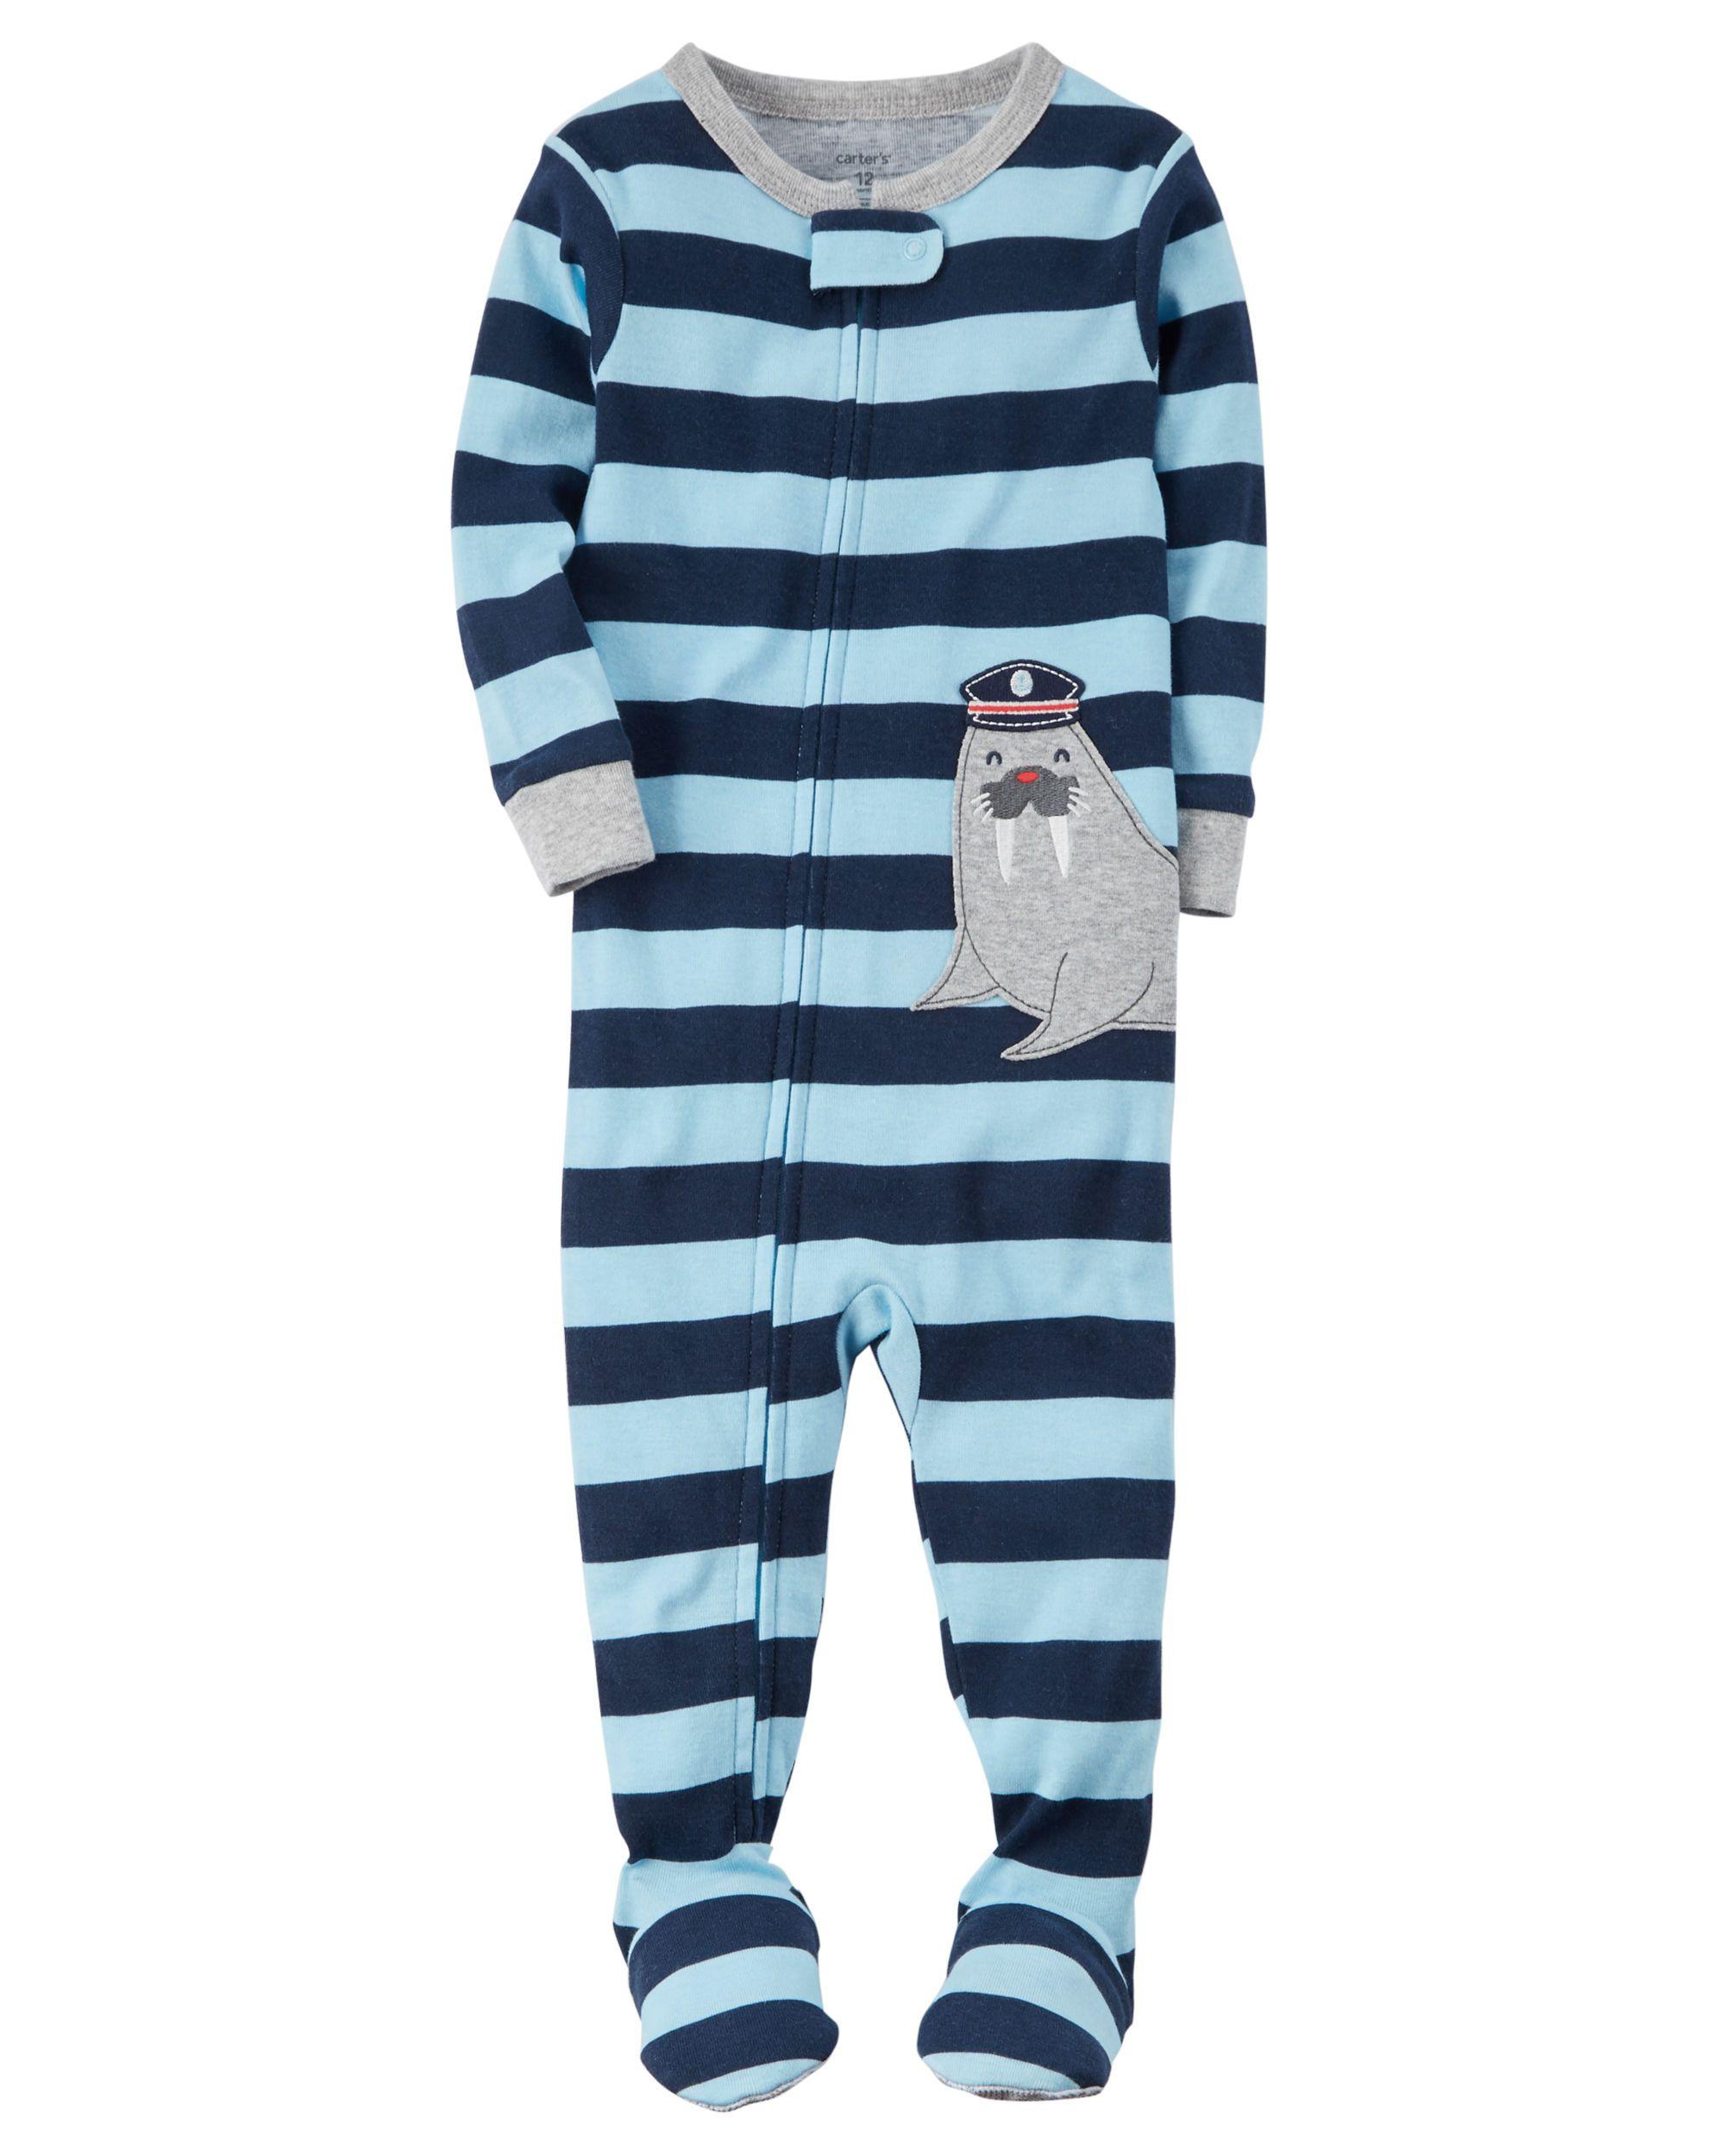 9df0dab0eab2 Toddler Boy 1-Piece Snug Fit Cotton PJs